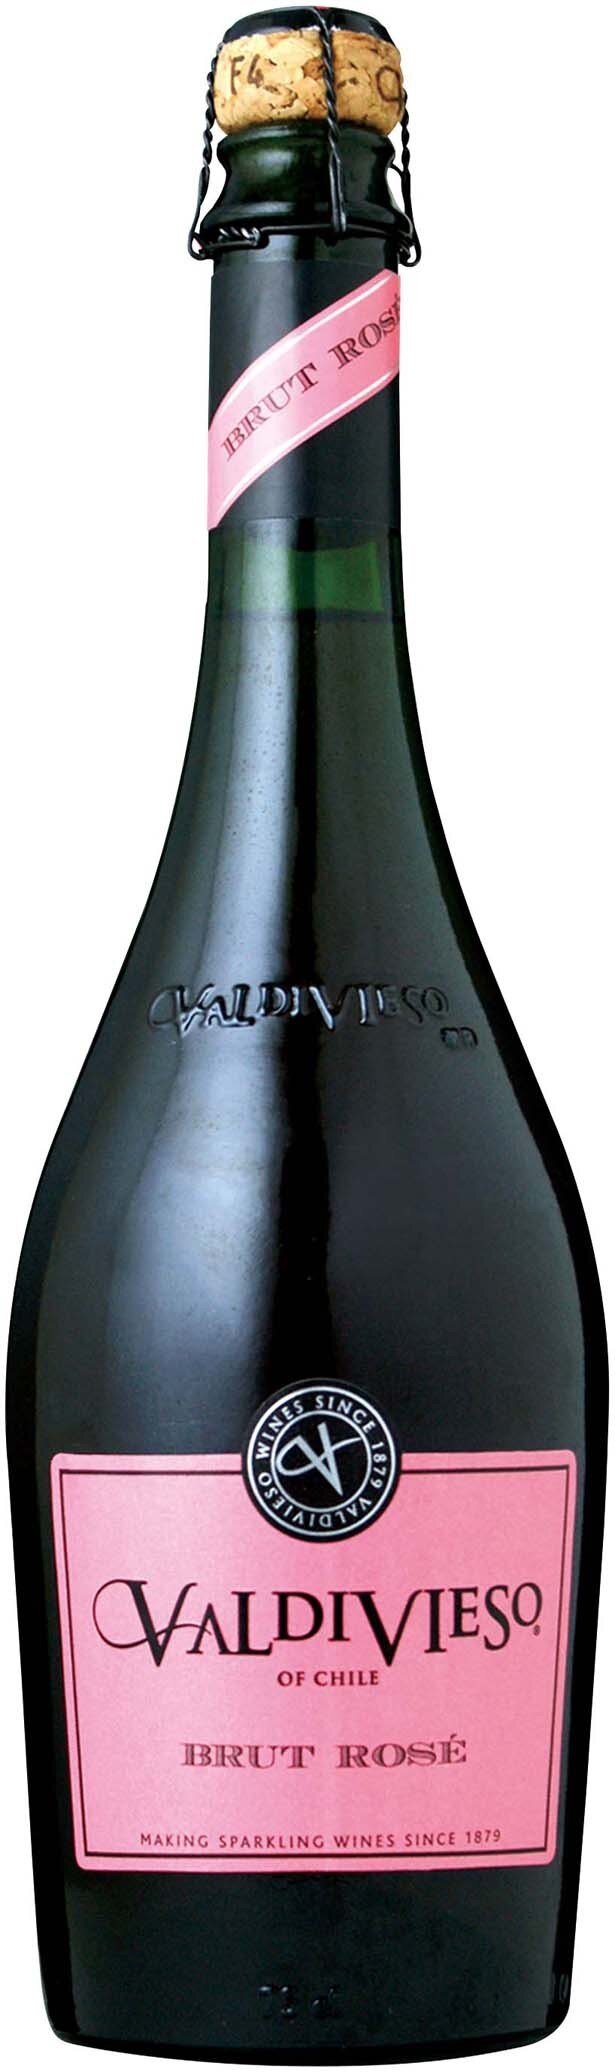 「KIICHI-relax&dine-」で味わえる「バルディビエソ ブリュット ロゼ」は、ピノ・ノワール種を使用した、細かな泡が特徴のロゼ・スパークリング